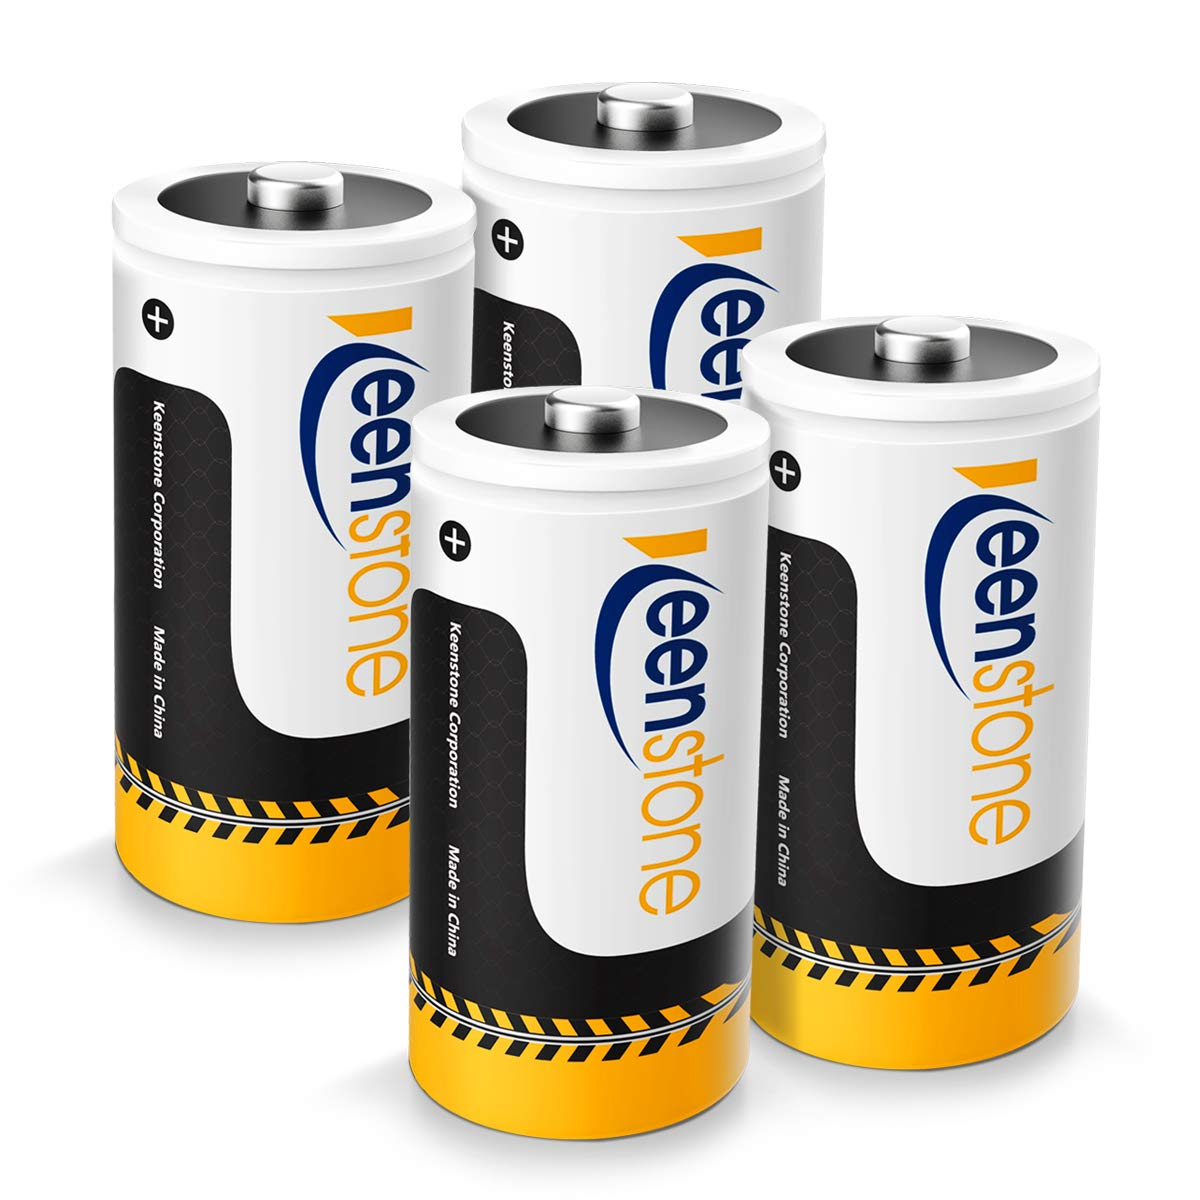 Buenas baterias